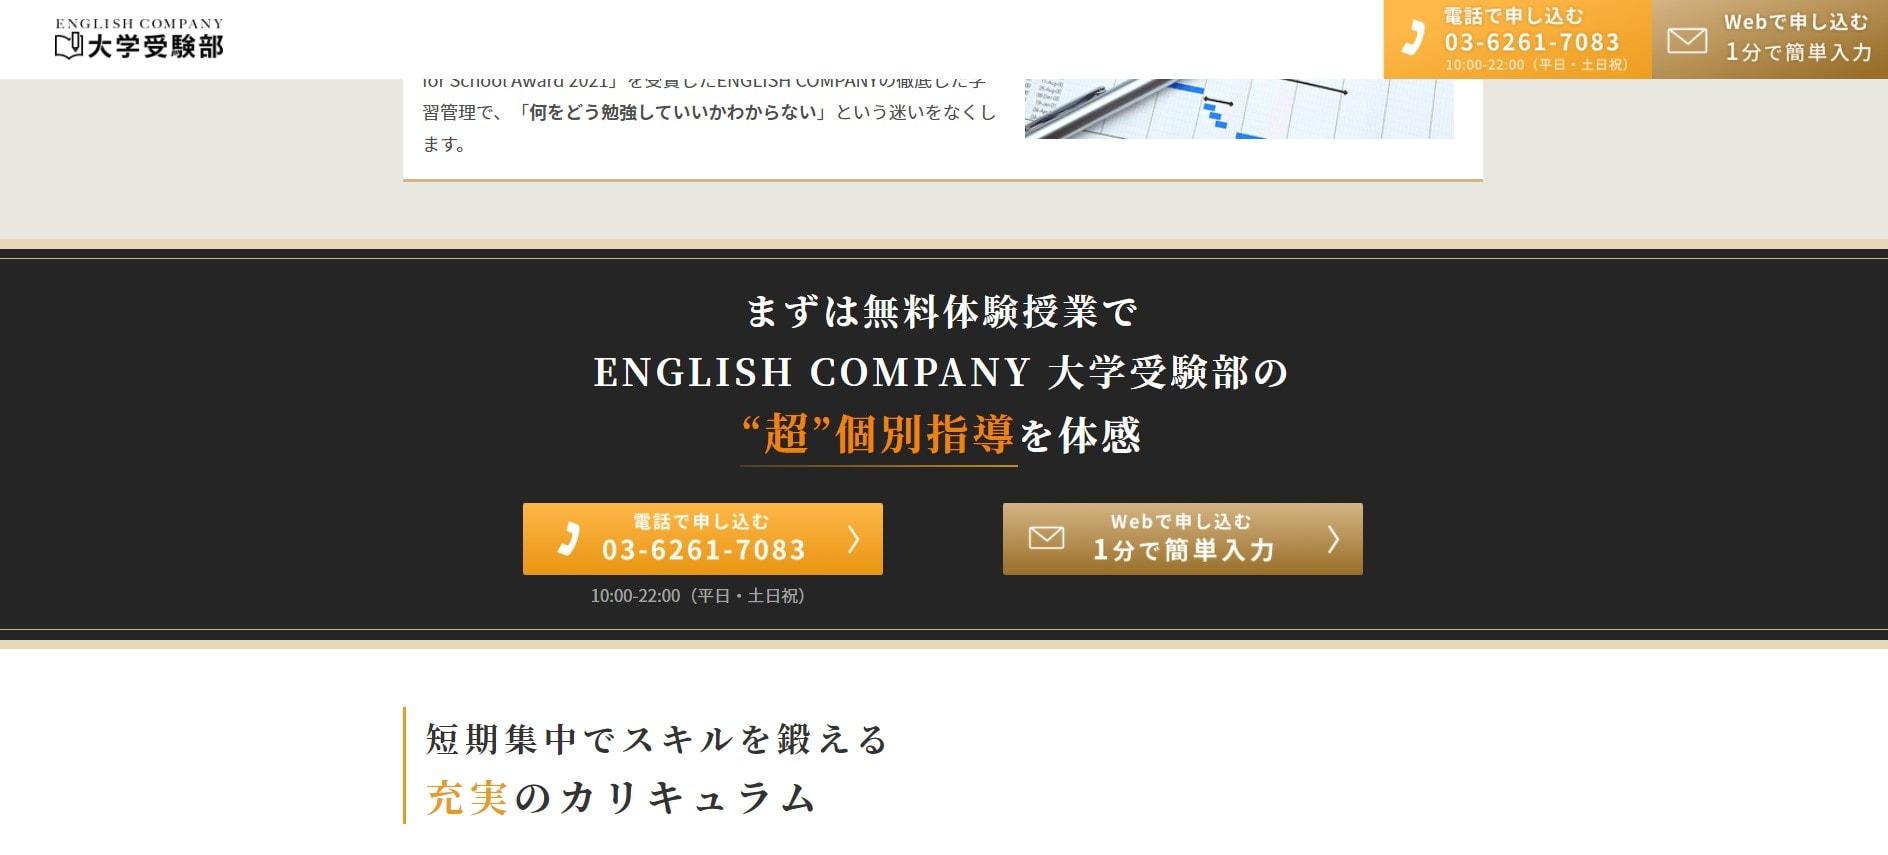 「ENGLISH COMPANY 大学受験部」の無料体験授業